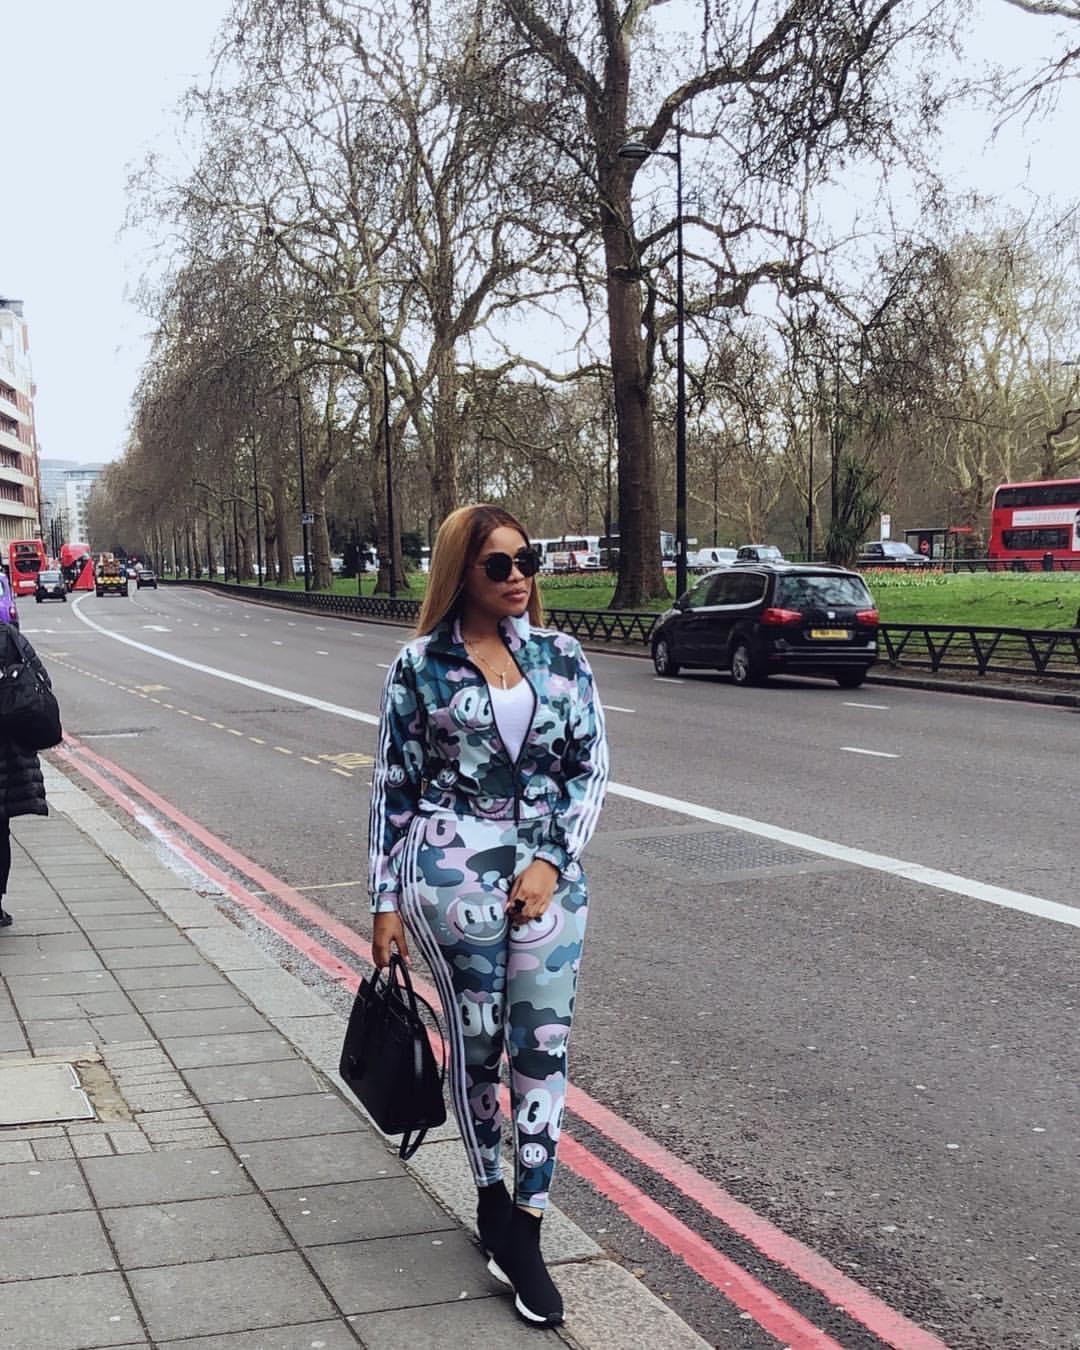 Onyii Alex Wearing Adidas In London